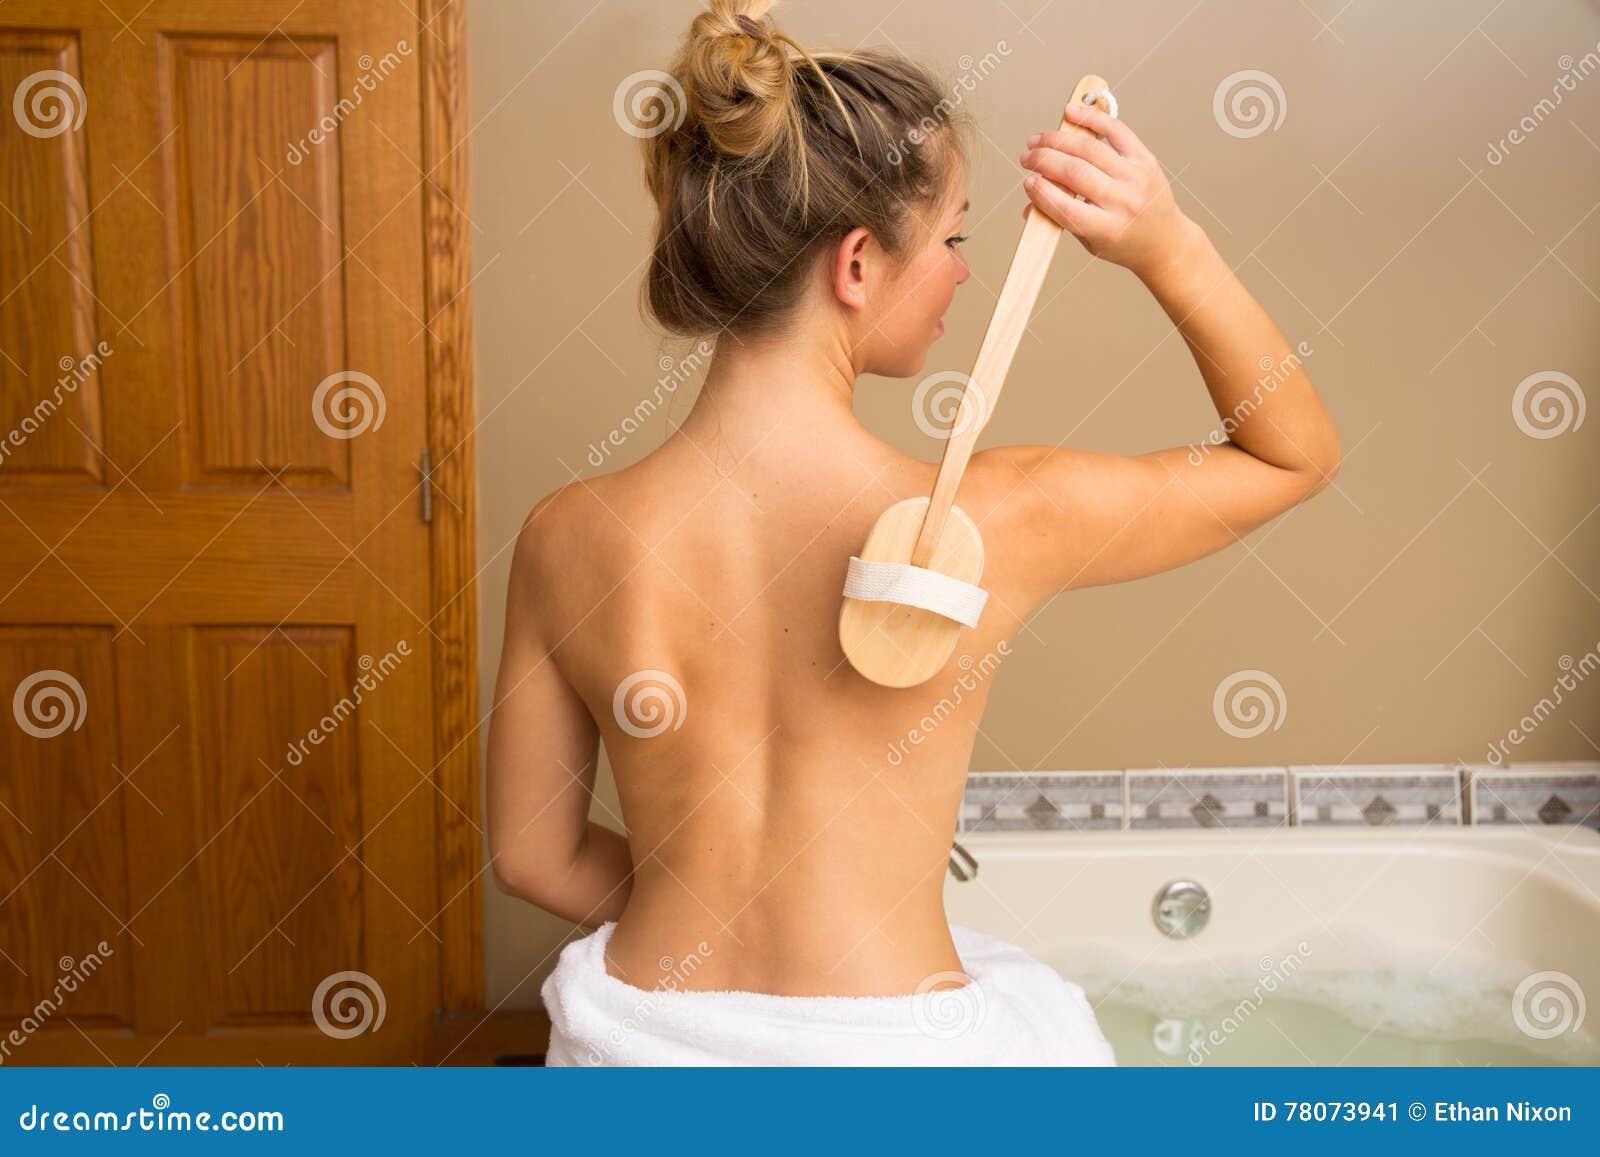 Posteriore asciughi la spazzola